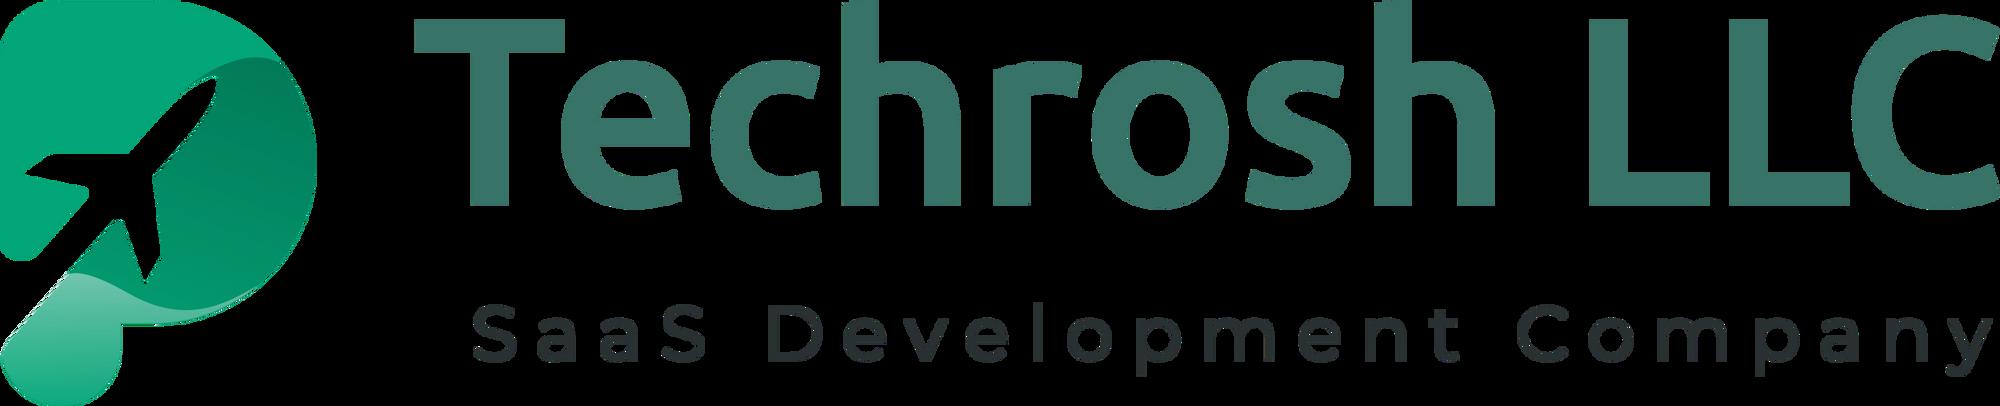 Techrosh LLC